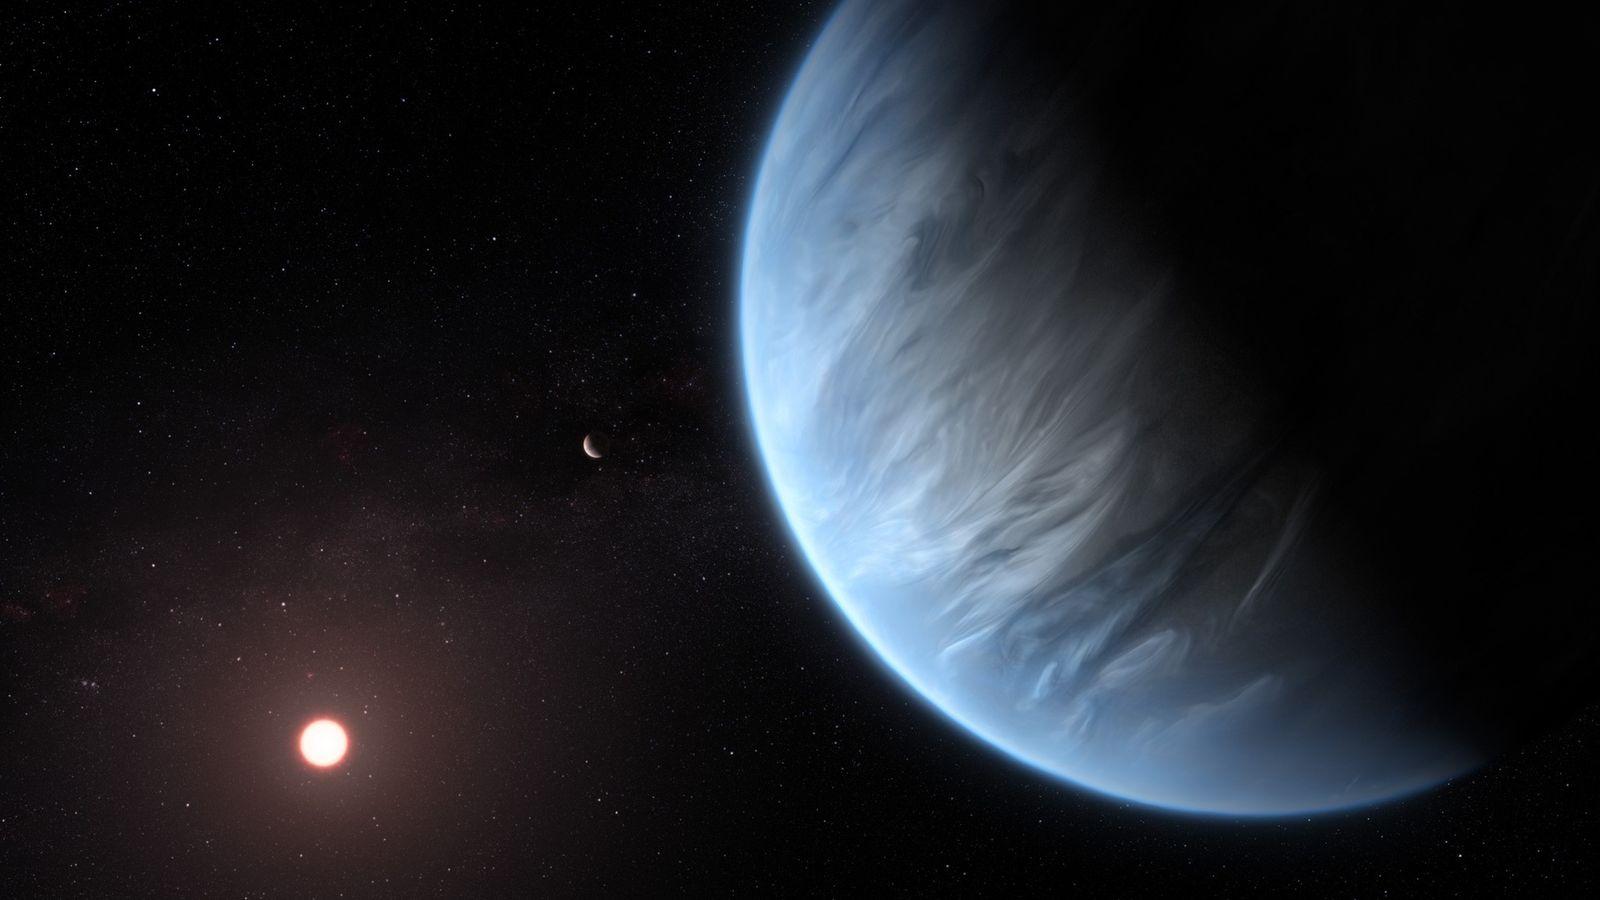 El planeta K2-18b orbita su tenue estrella anfitriona roja en una ilustración. Este exoplaneta es el ...